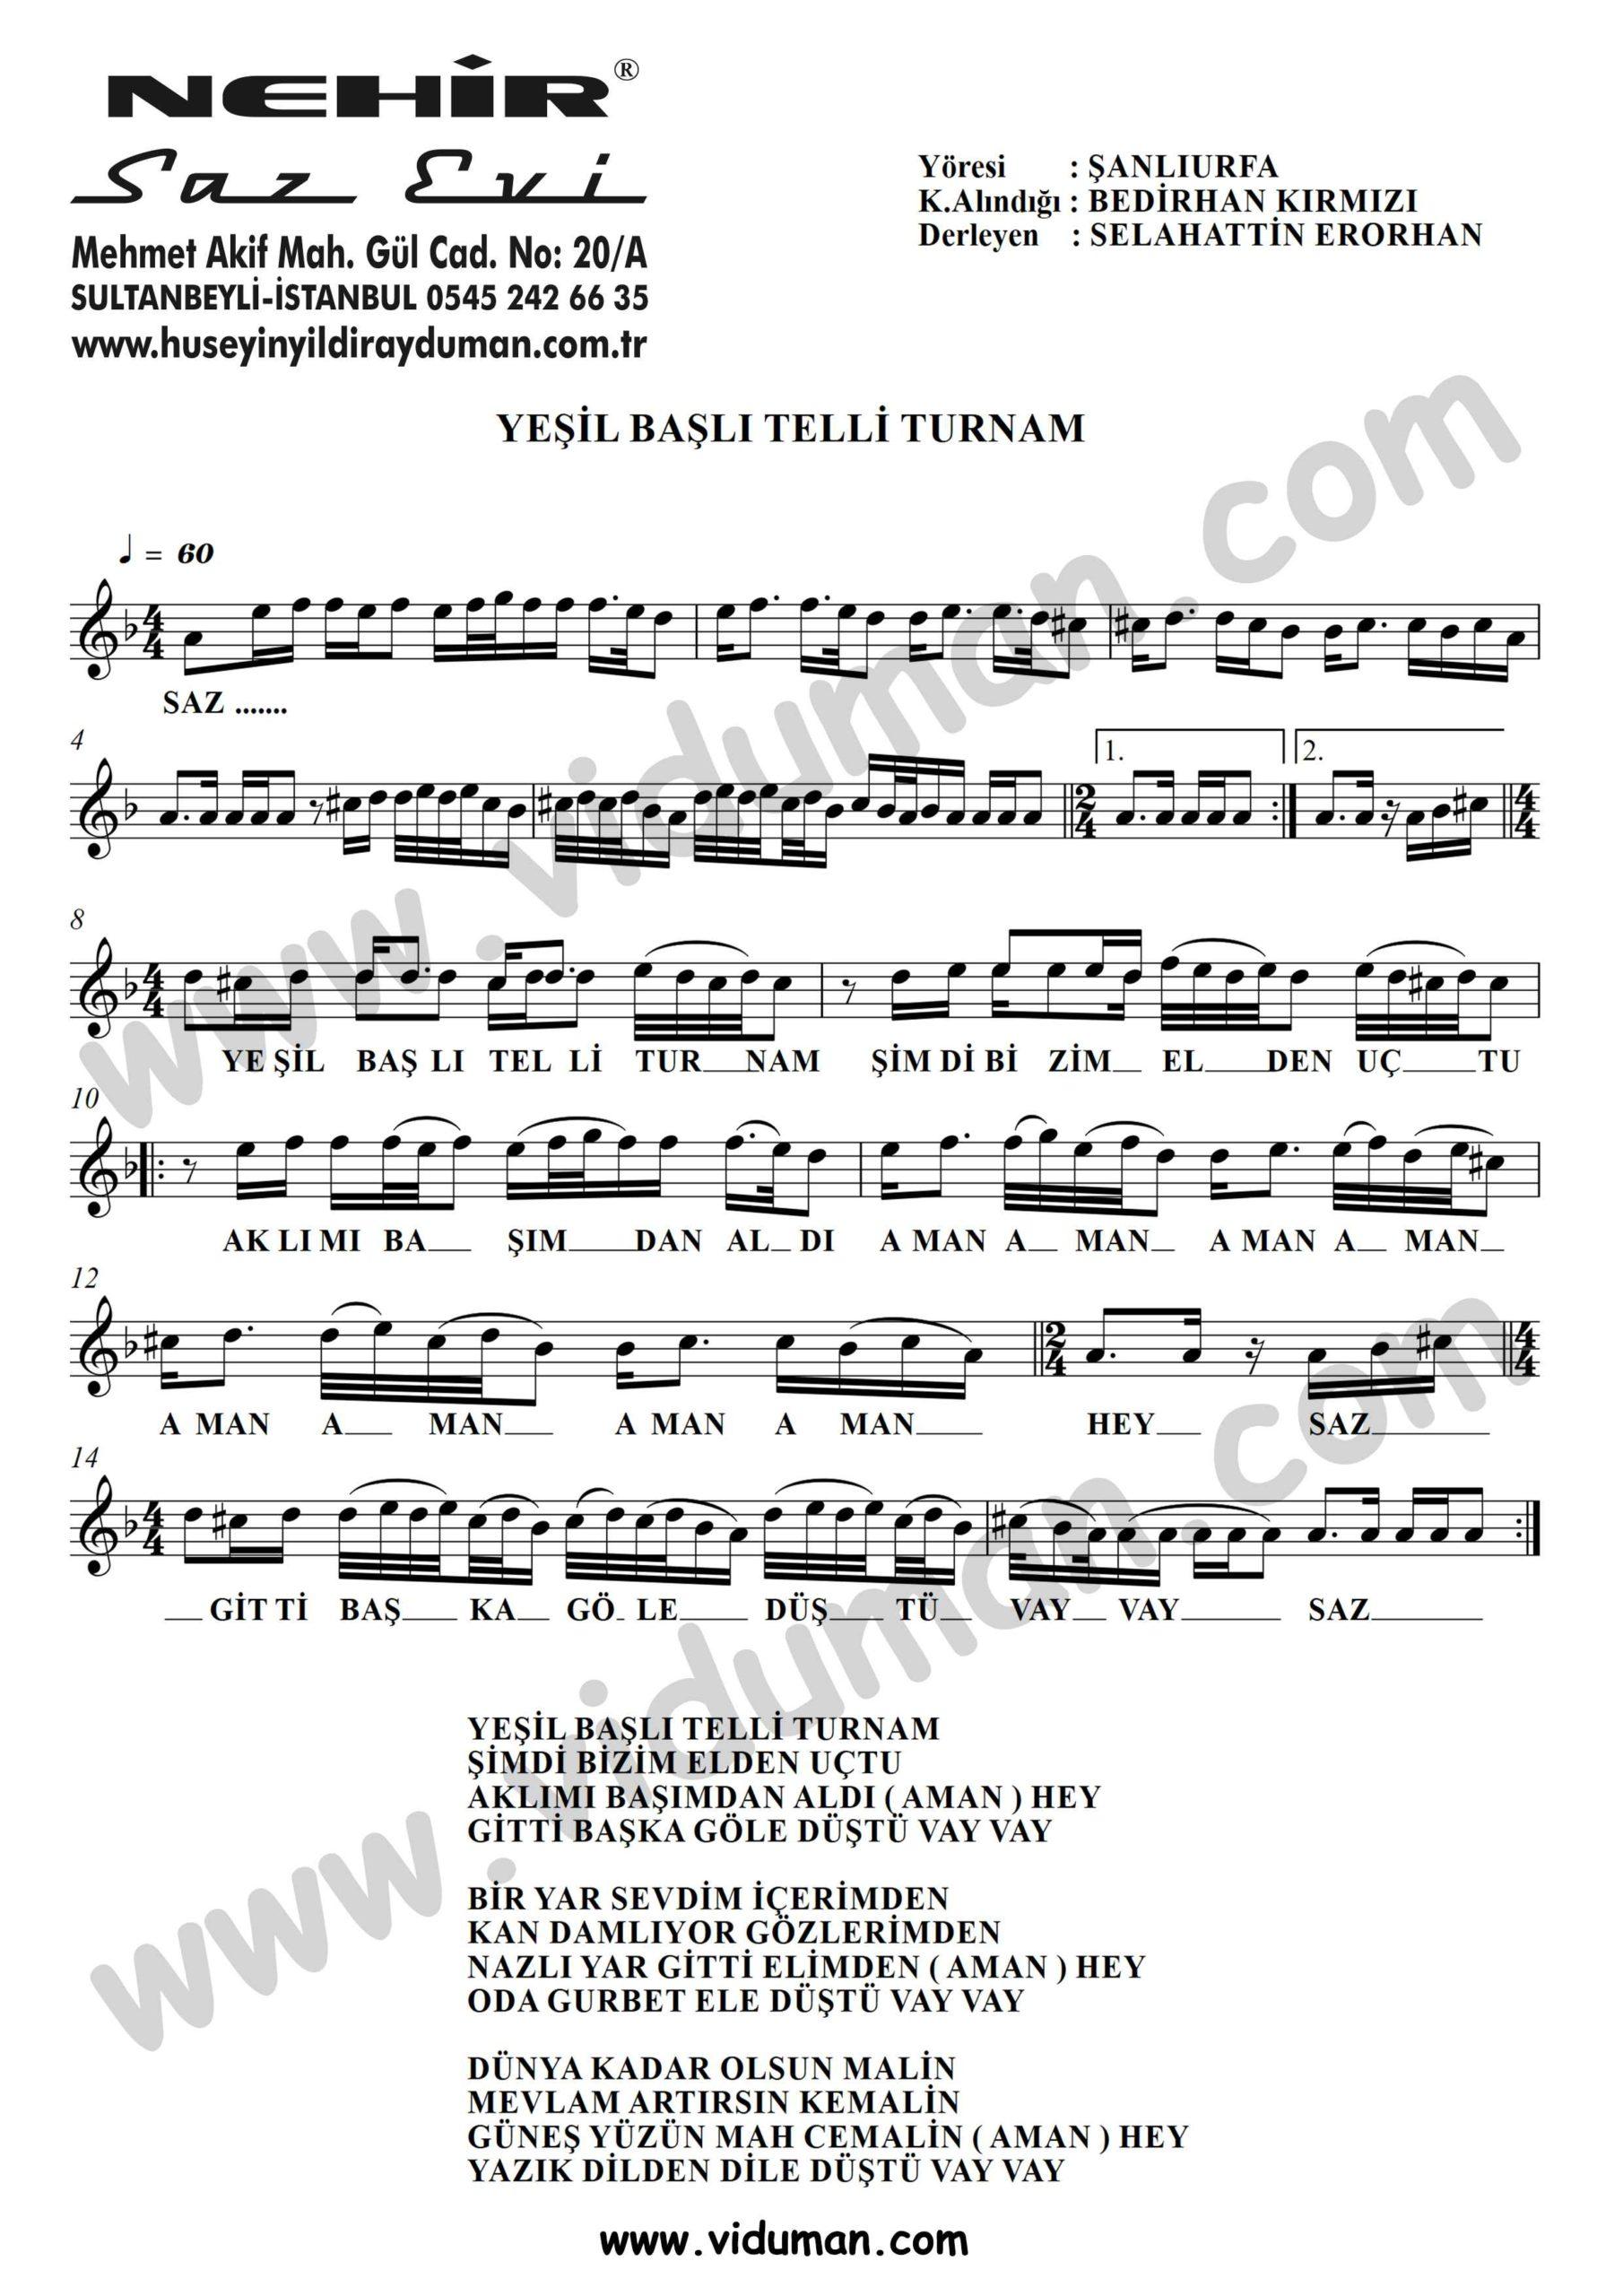 Yesil Basli Telli Turnam-Baglama-Saz-Turku-Notalari